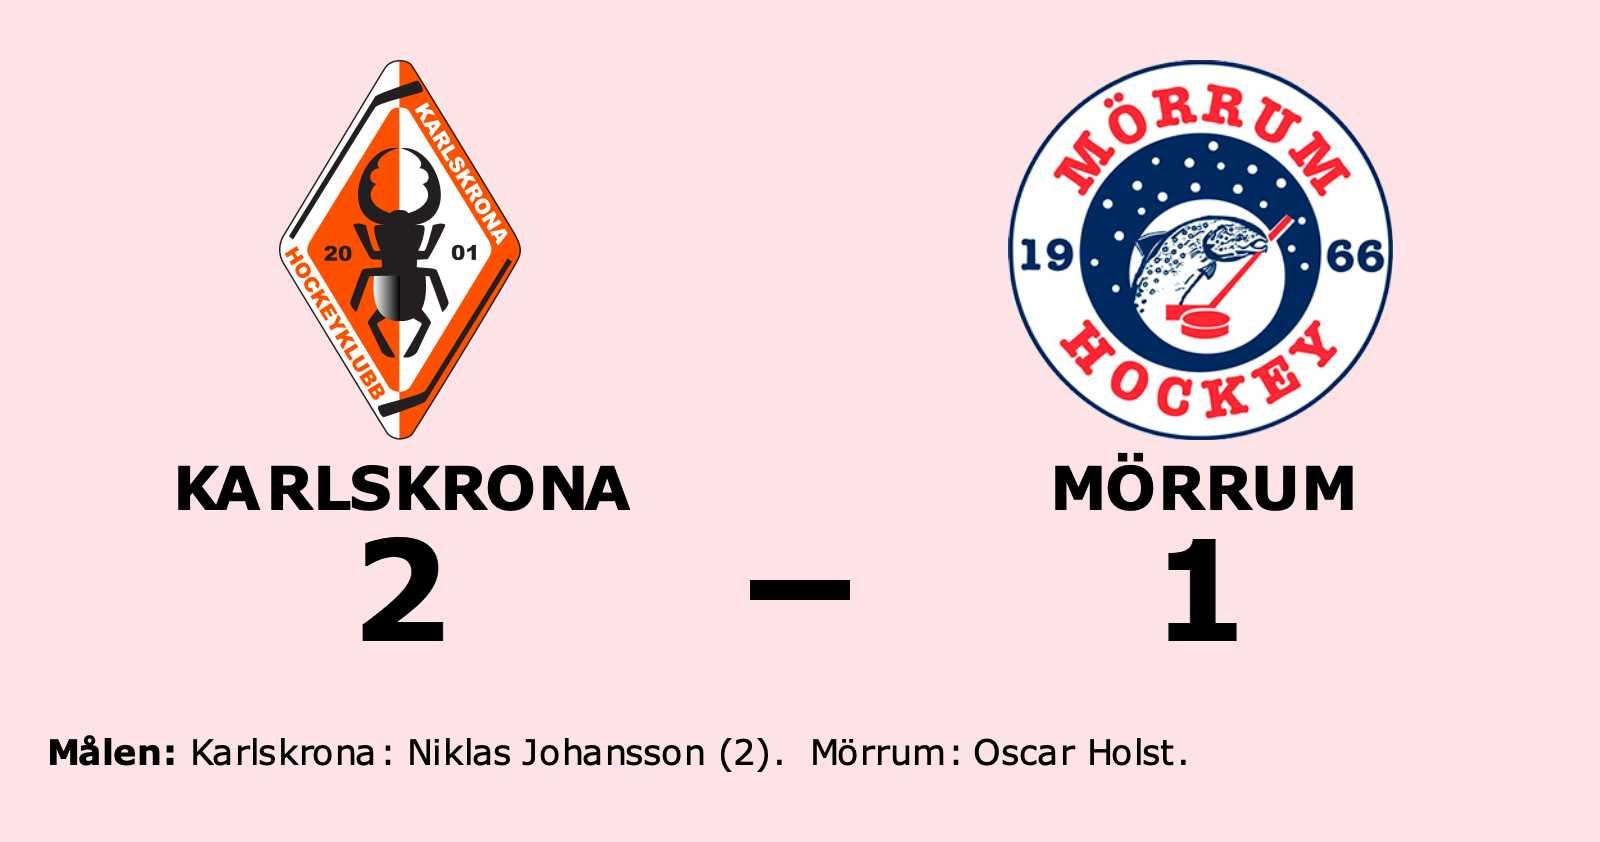 Mörrum föll i jämn match mot Karlskrona